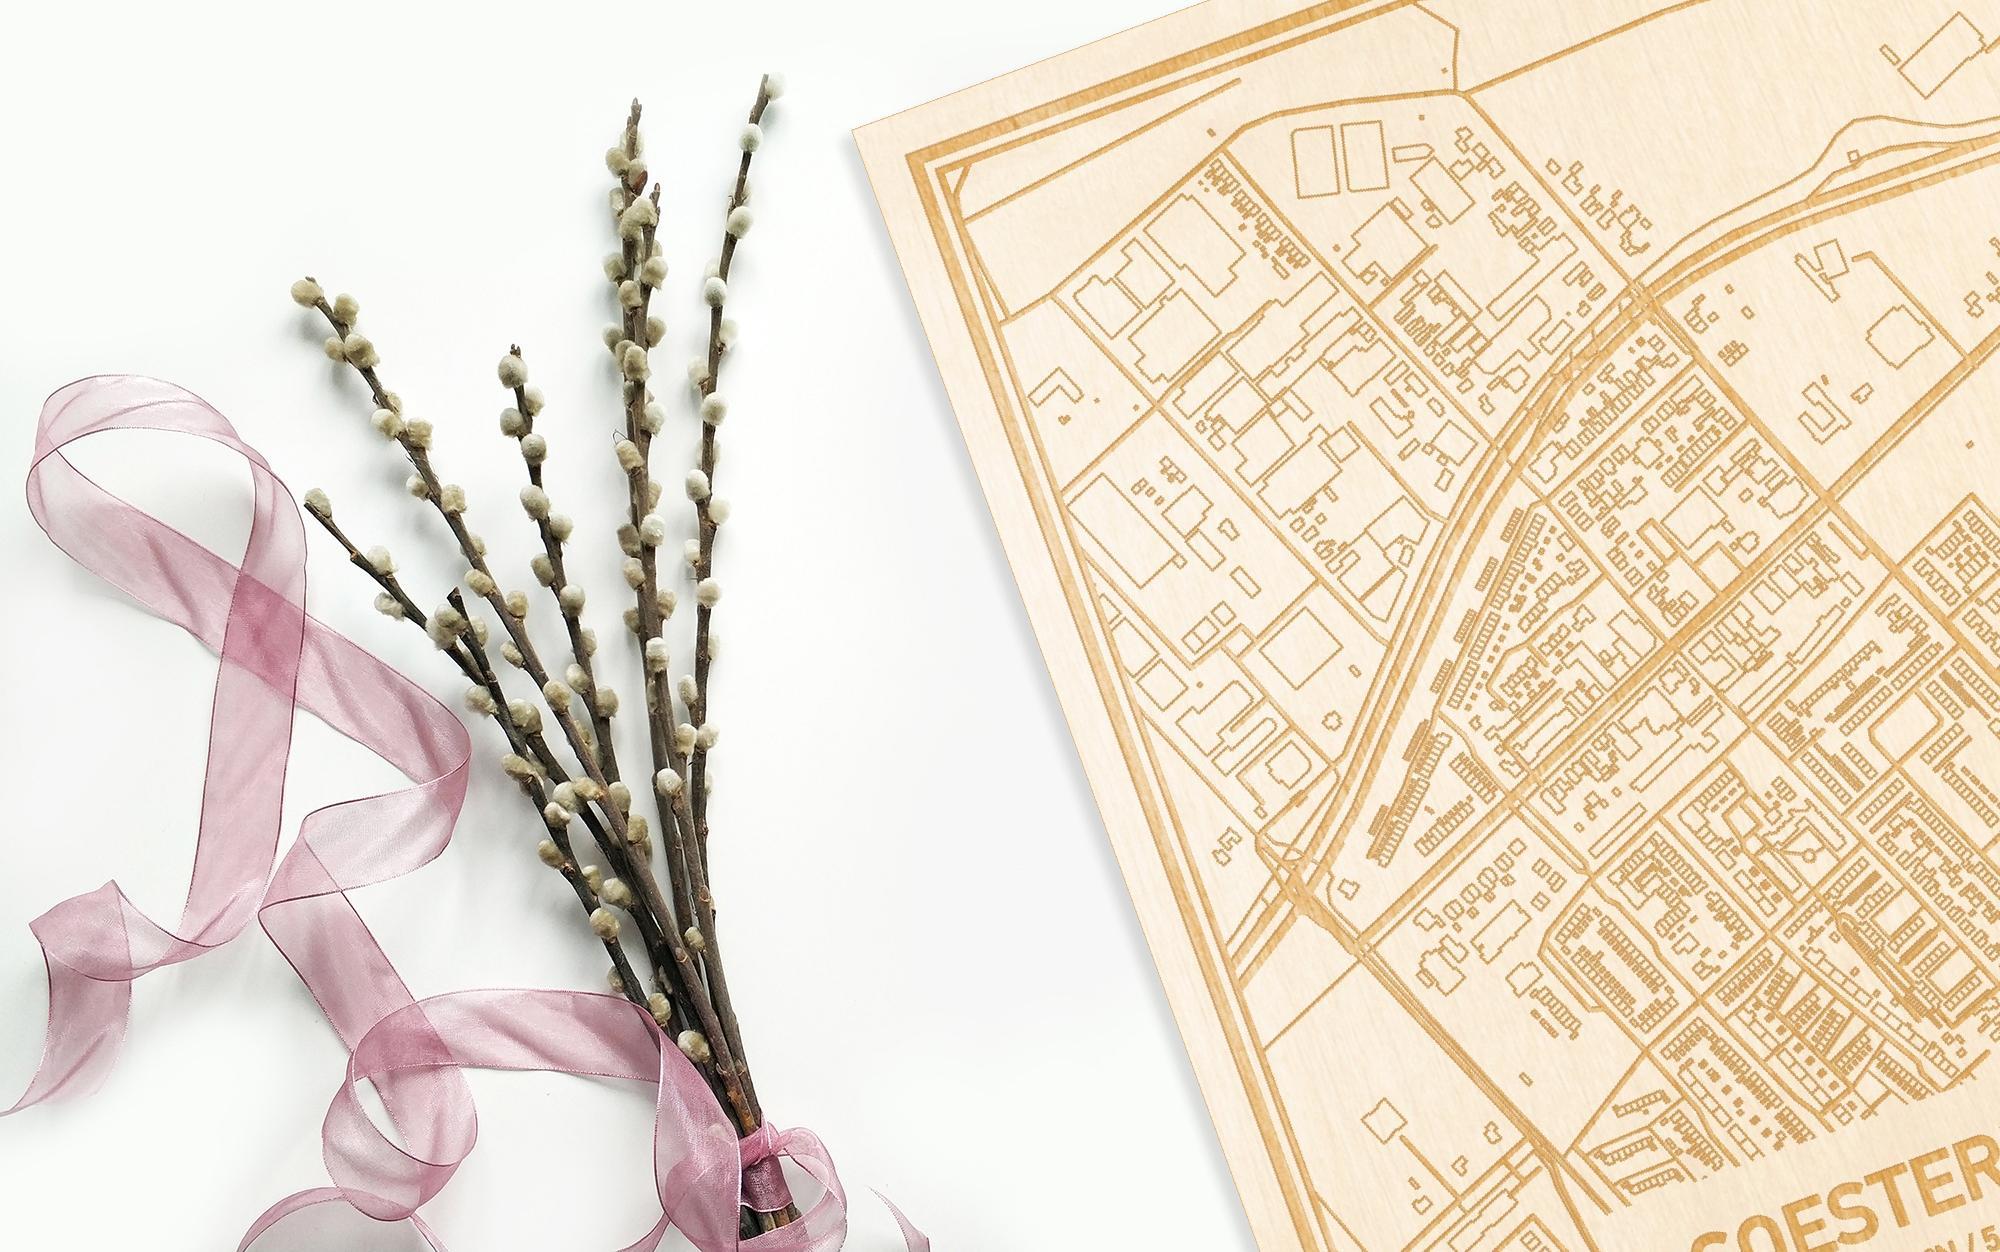 Hier ligt de houten plattegrond Soesterberg naast een bloemetje als gepersonaliseerd cadeau voor haar.